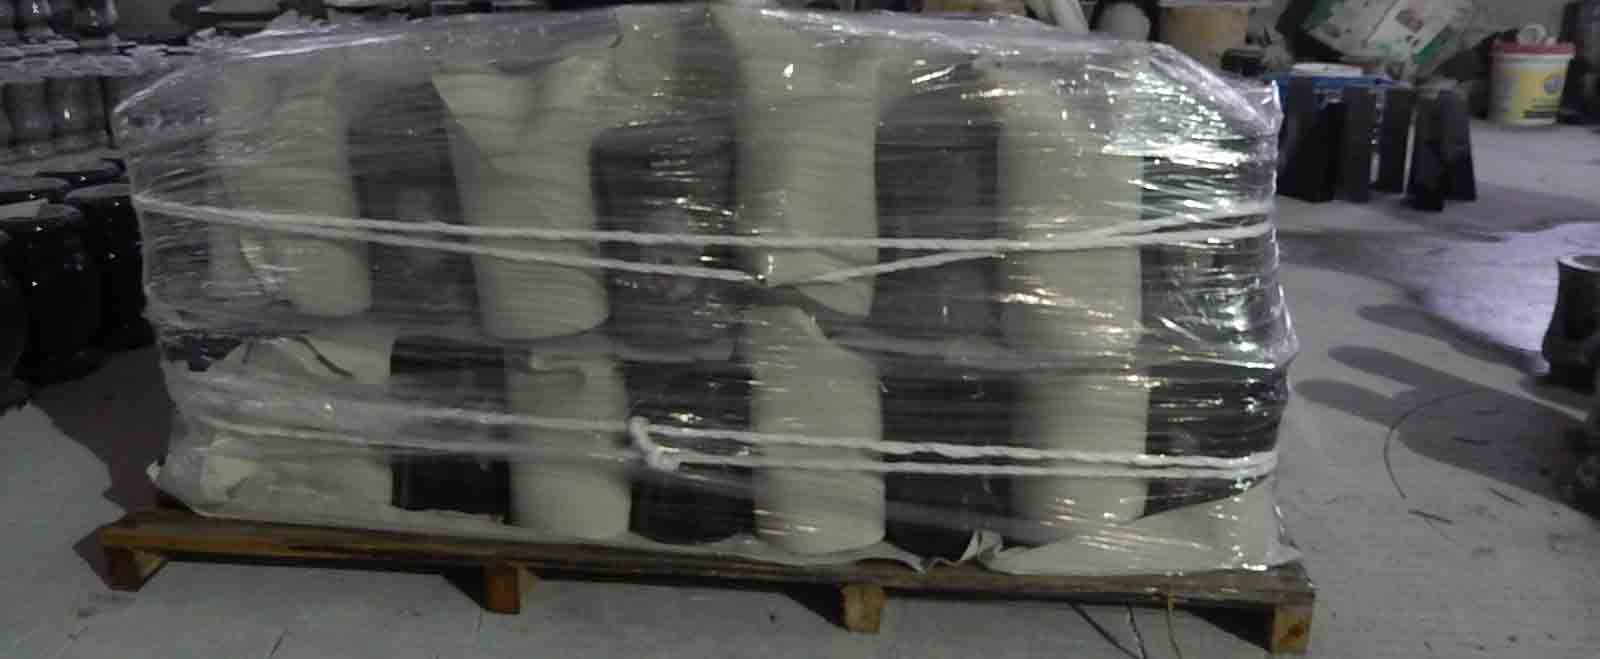 Lanternes Funéraires packing1